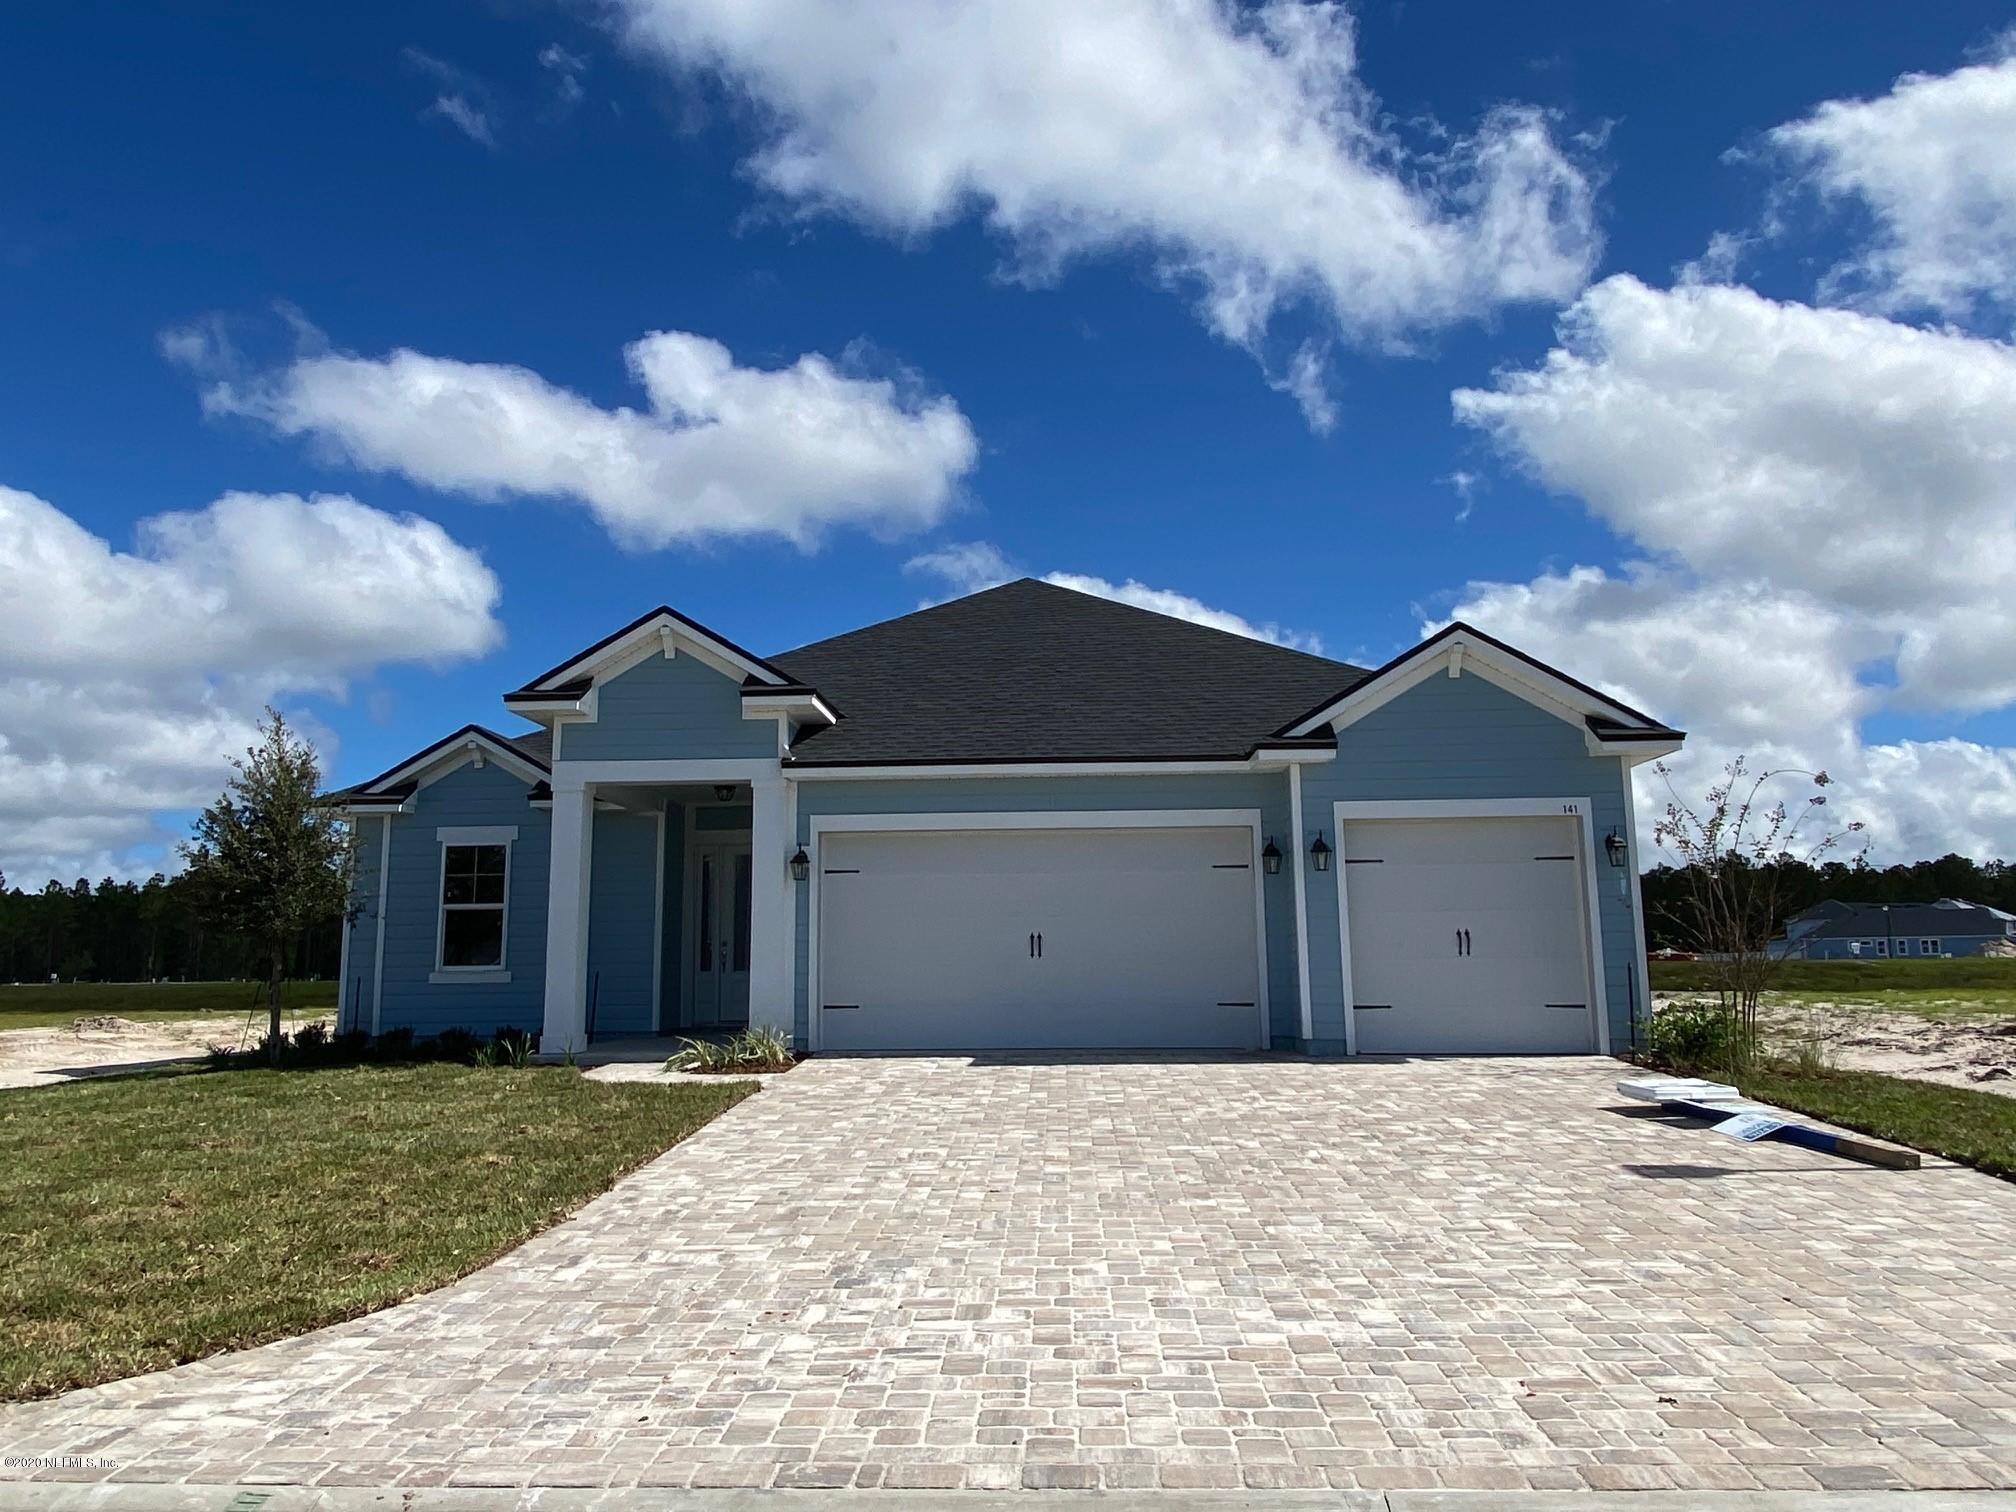 141 TARTAN, ST AUGUSTINE, FLORIDA 32092, 4 Bedrooms Bedrooms, ,2 BathroomsBathrooms,Residential,For sale,TARTAN,1036158